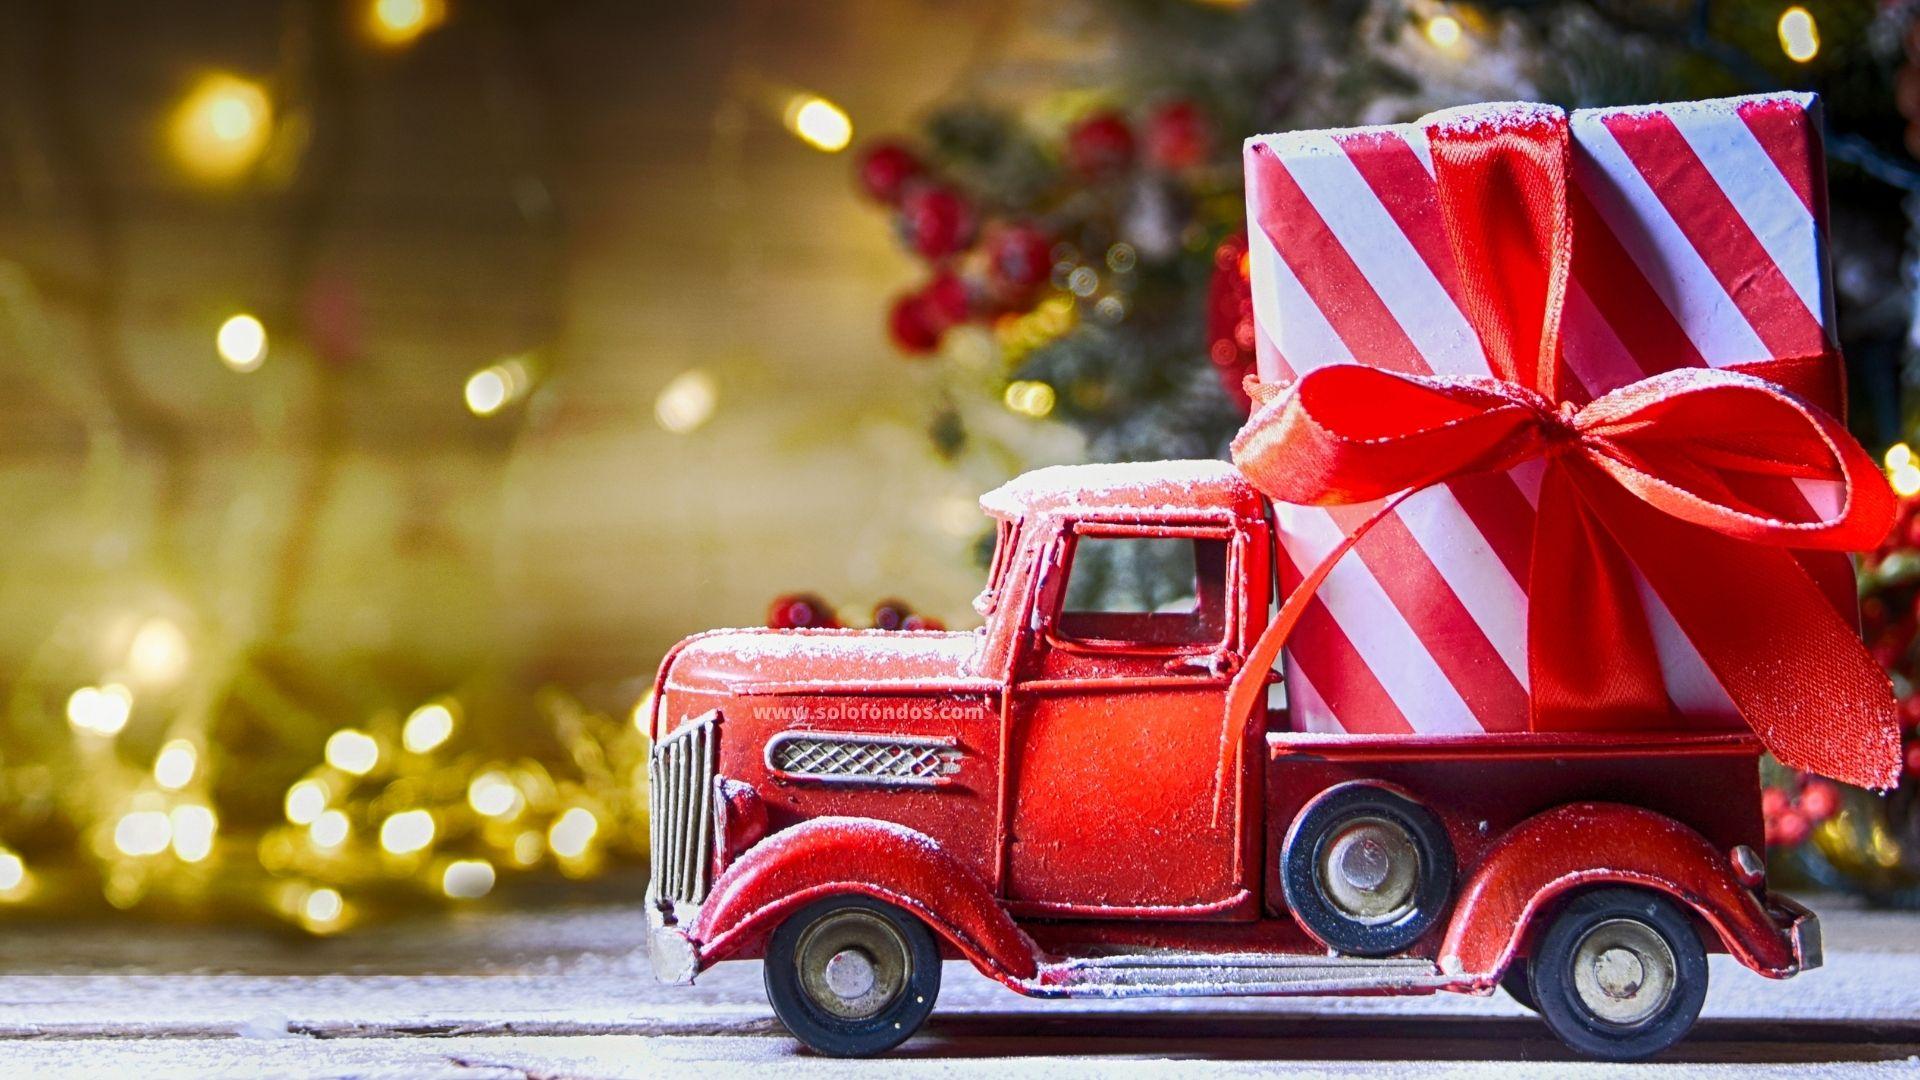 fondos animados de navidad gratis